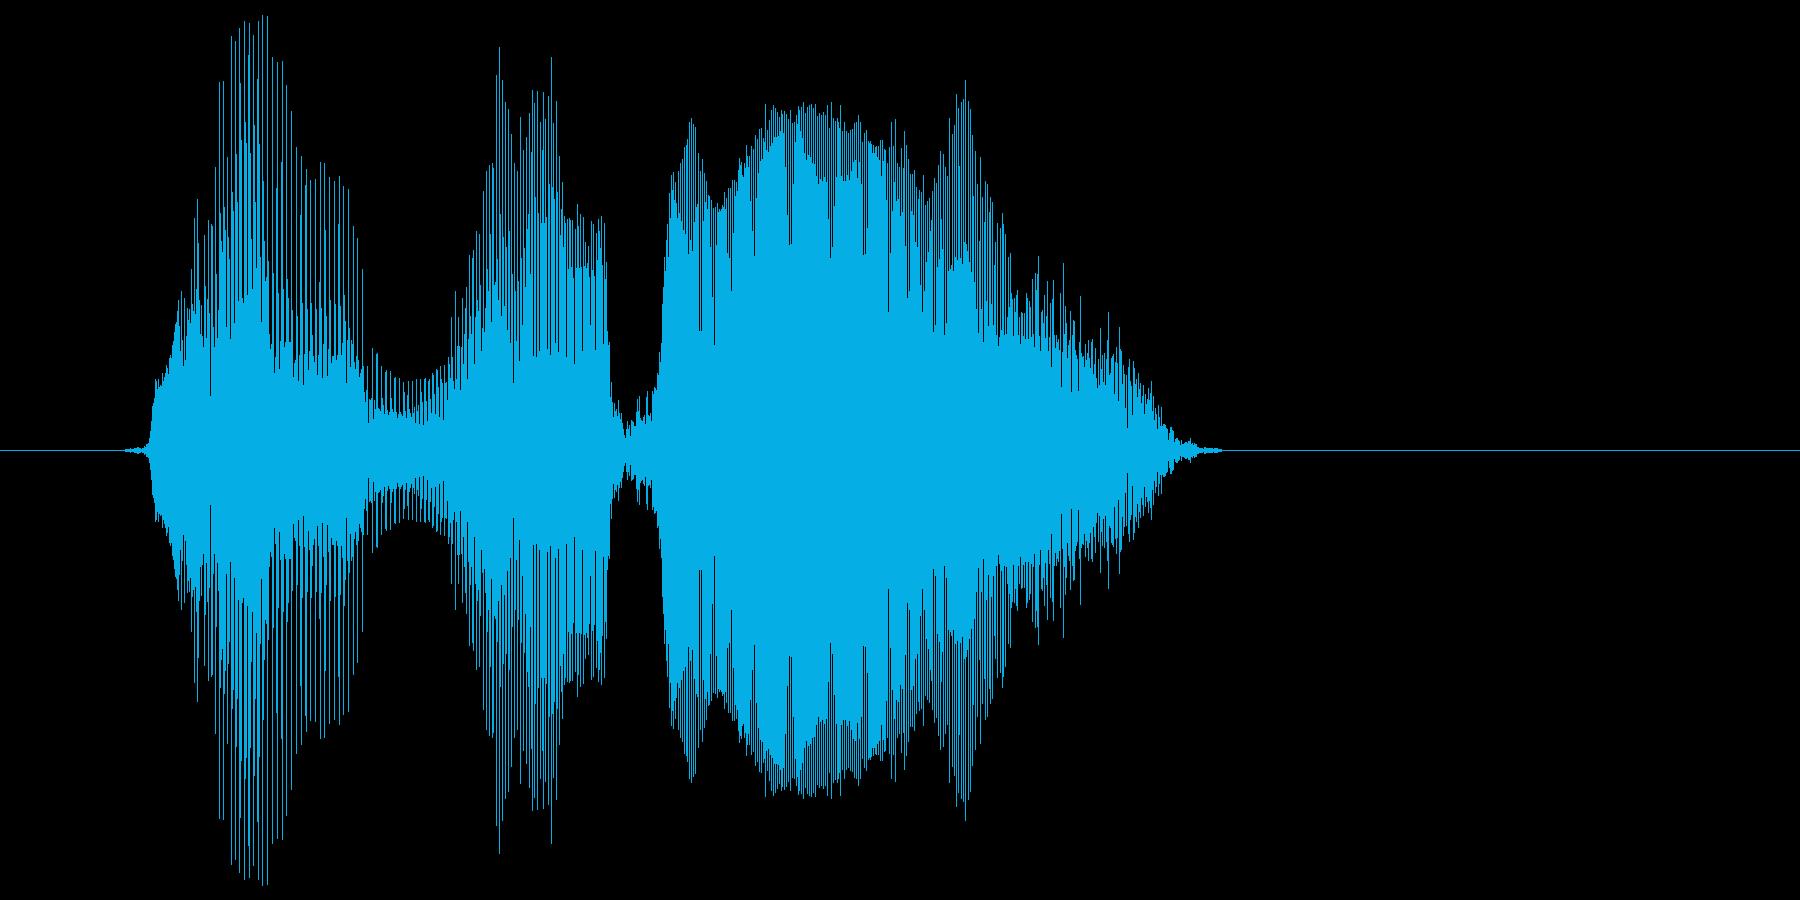 「やめろー」の再生済みの波形